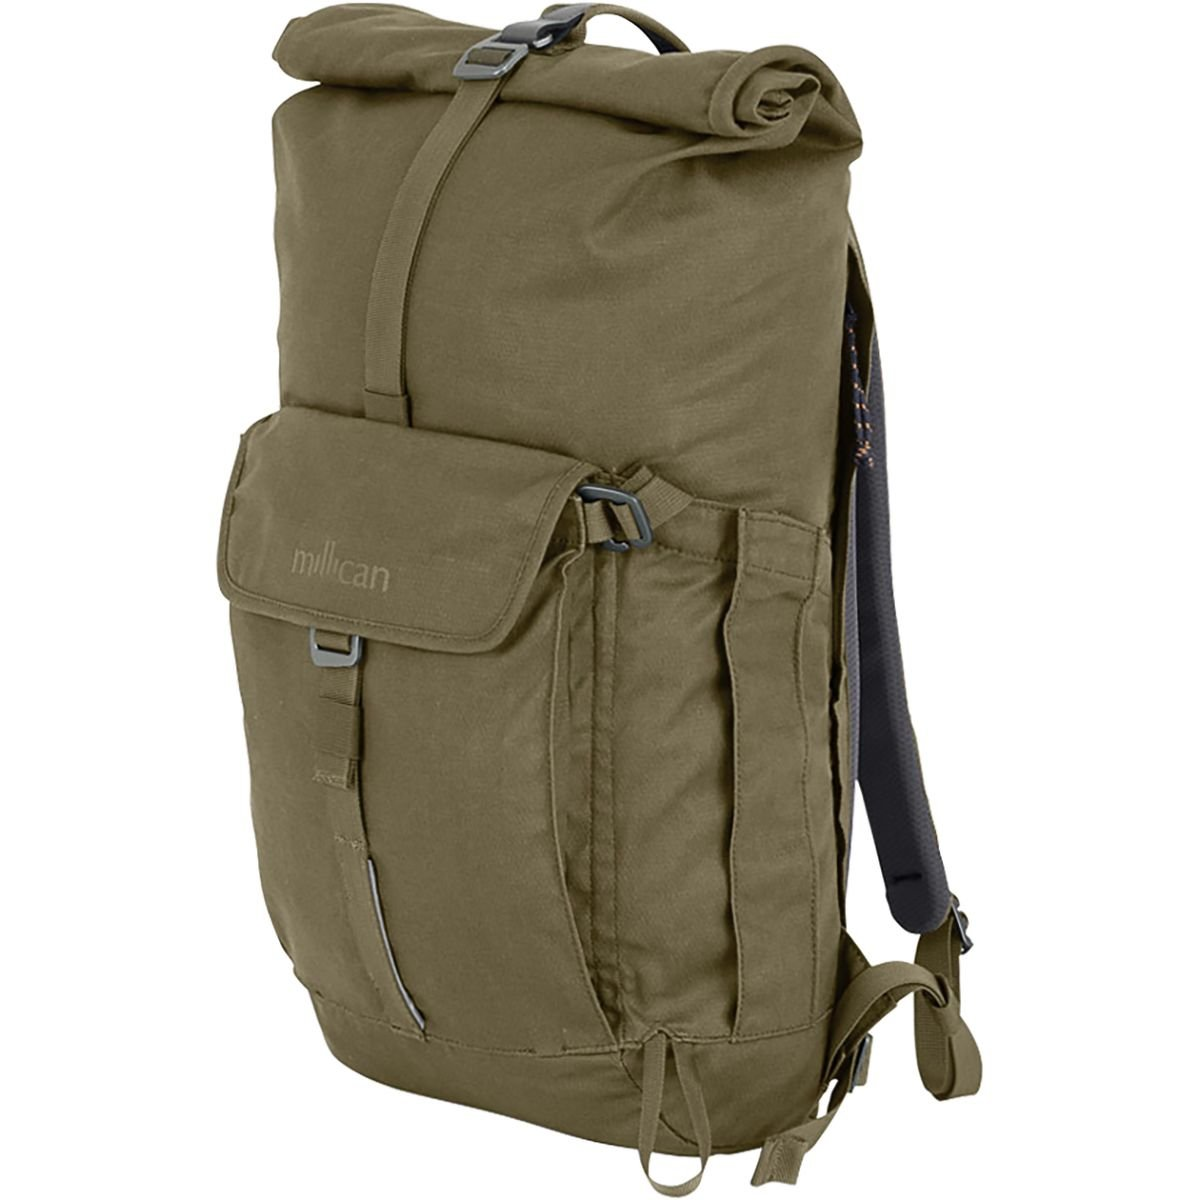 [ミリカン] メンズ バックパックリュックサック Smith Roll 25L Backpack [並行輸入品] No-Size  B07QRQVYTZ